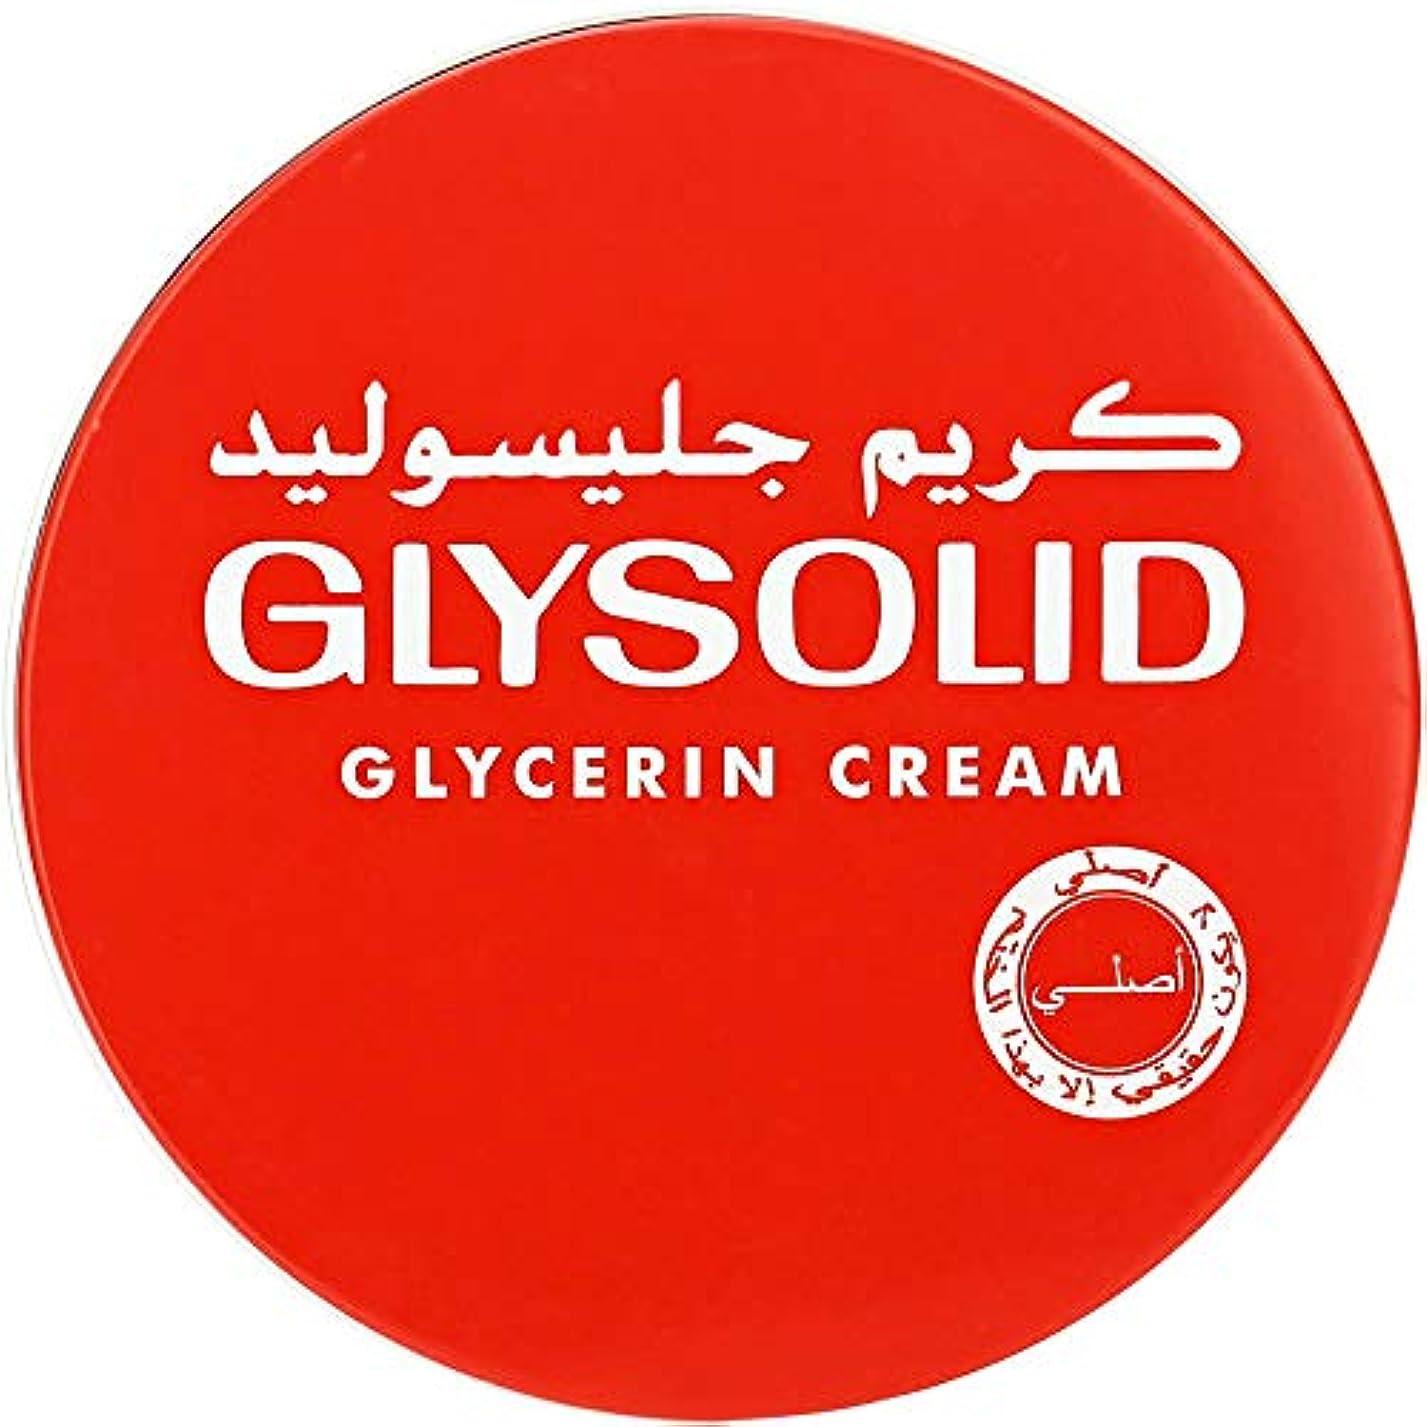 シェトランド諸島模倣のGlysolid Cream Face Moisturizers For Dry Skin Hands Feet Elbow Body Softening With Glycerin Keeping Your Skin...